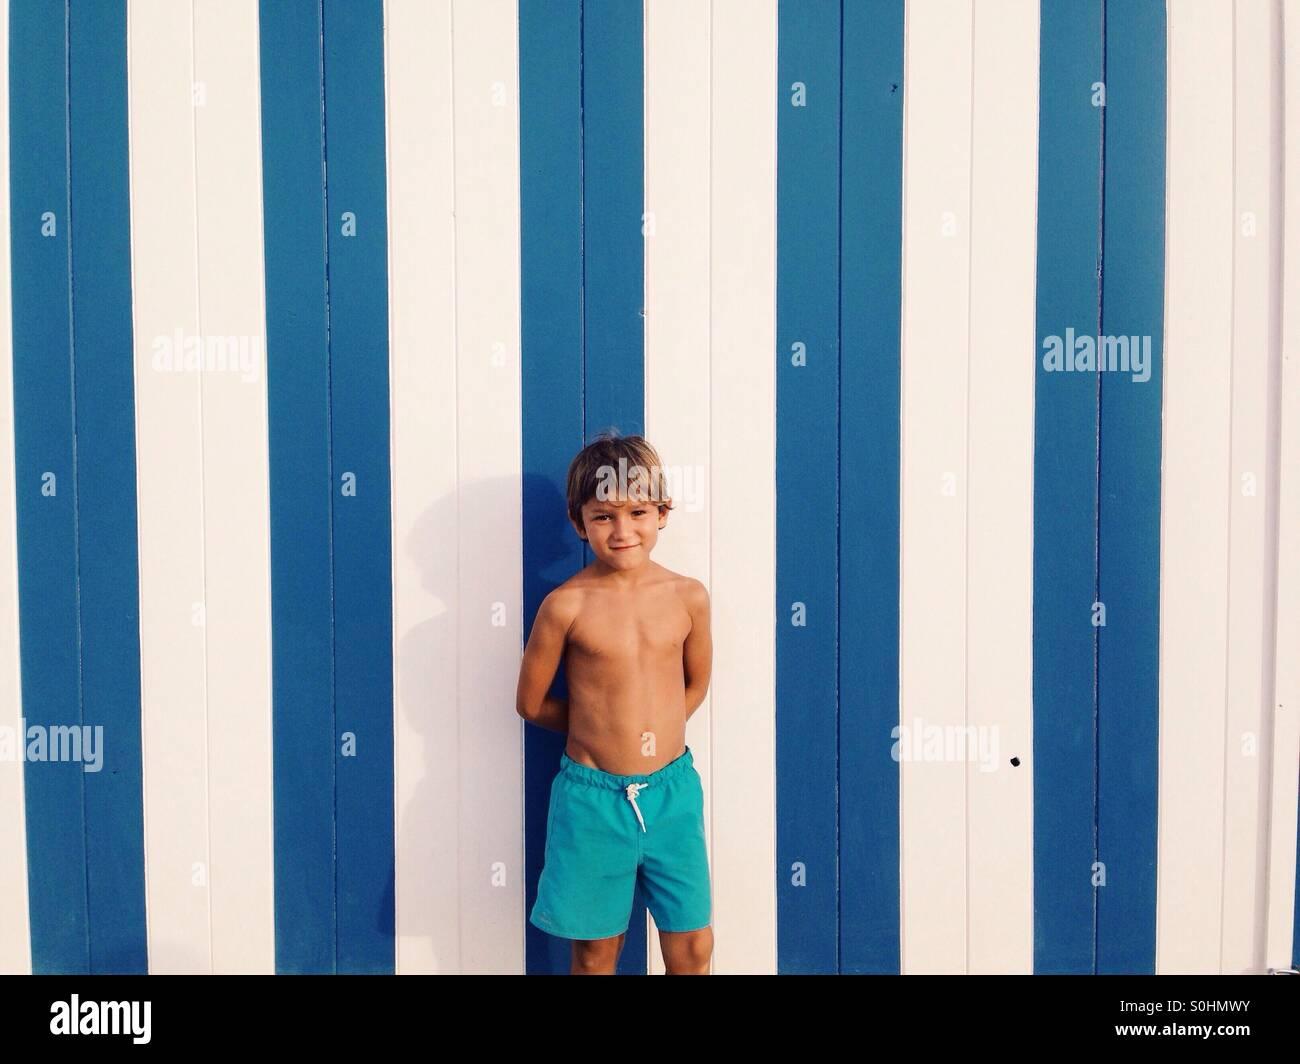 Costume Da Bagno Ragazzo : Sei anni vecchio ragazzo ritratto con costumi da bagno blu foto